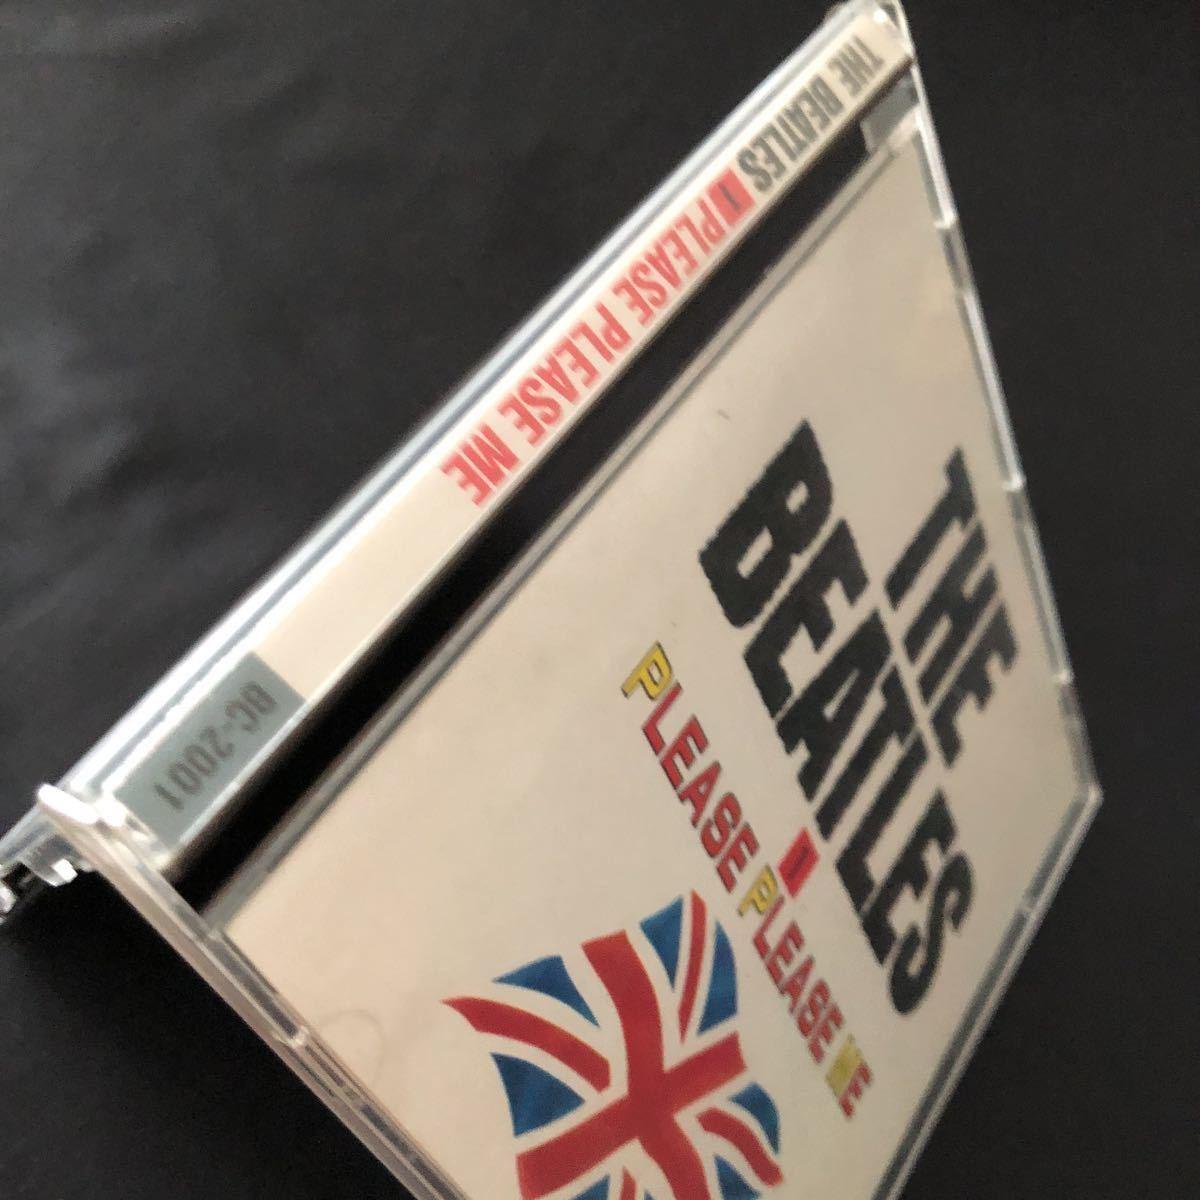 THE BEATLES ザ・ビートルズ CD アルバム 14曲 決定盤!中古品